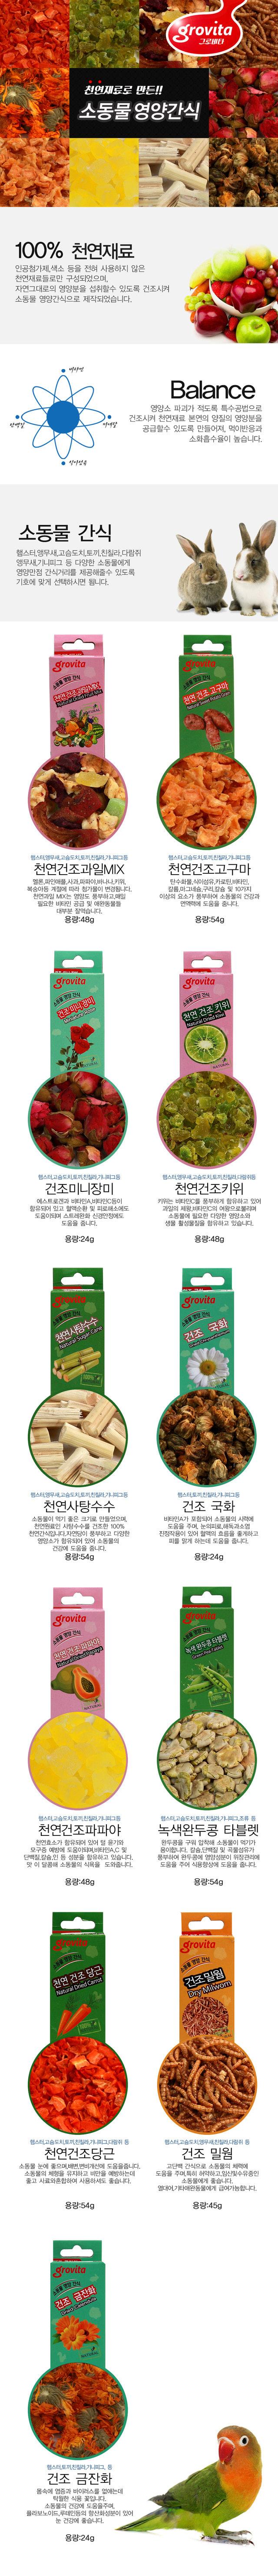 그로비타 소동물영양간식 (건조밀웜) 45g - 미미네아쿠아, 4,800원, 햄스터/다람쥐용품, 간식